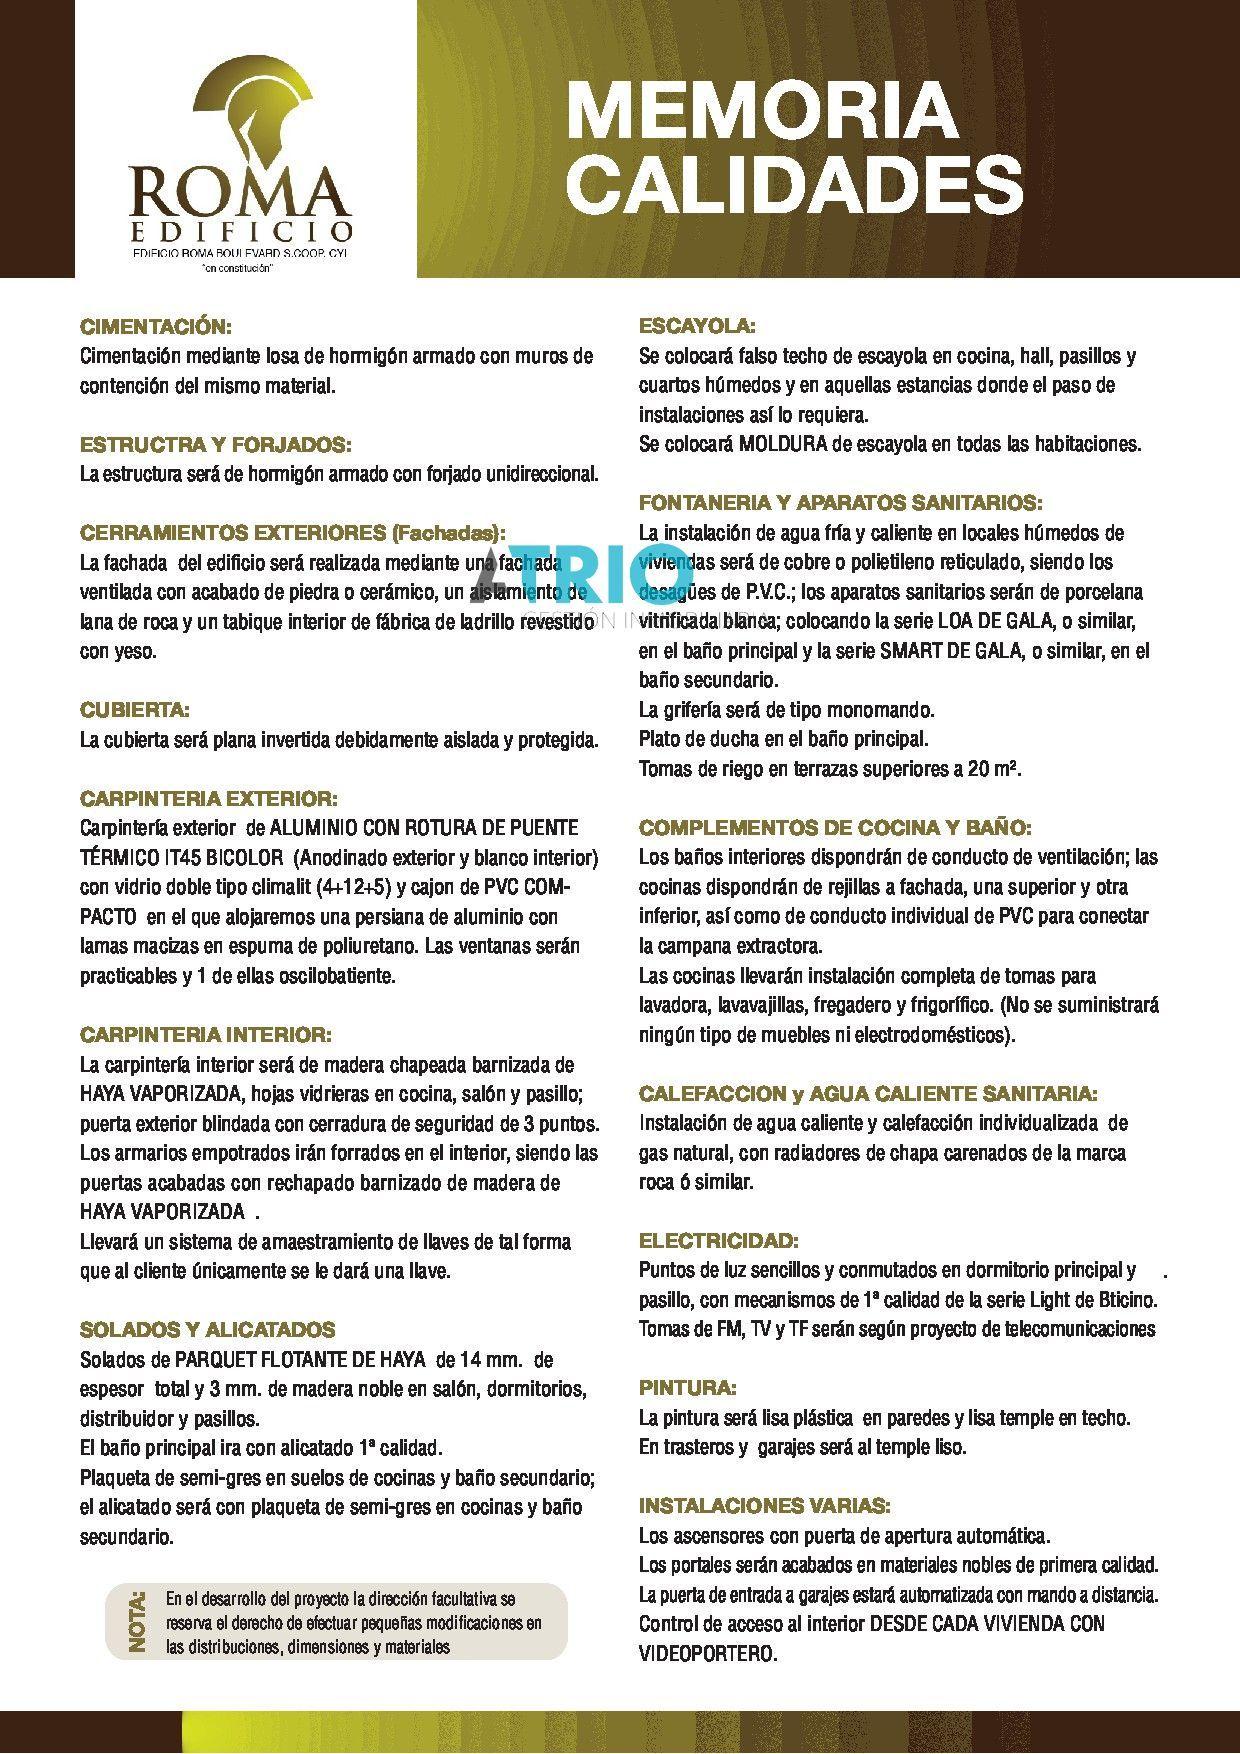 dia.mobiliagestion.es/Portals/inmoatrio/Images/3973/2221160